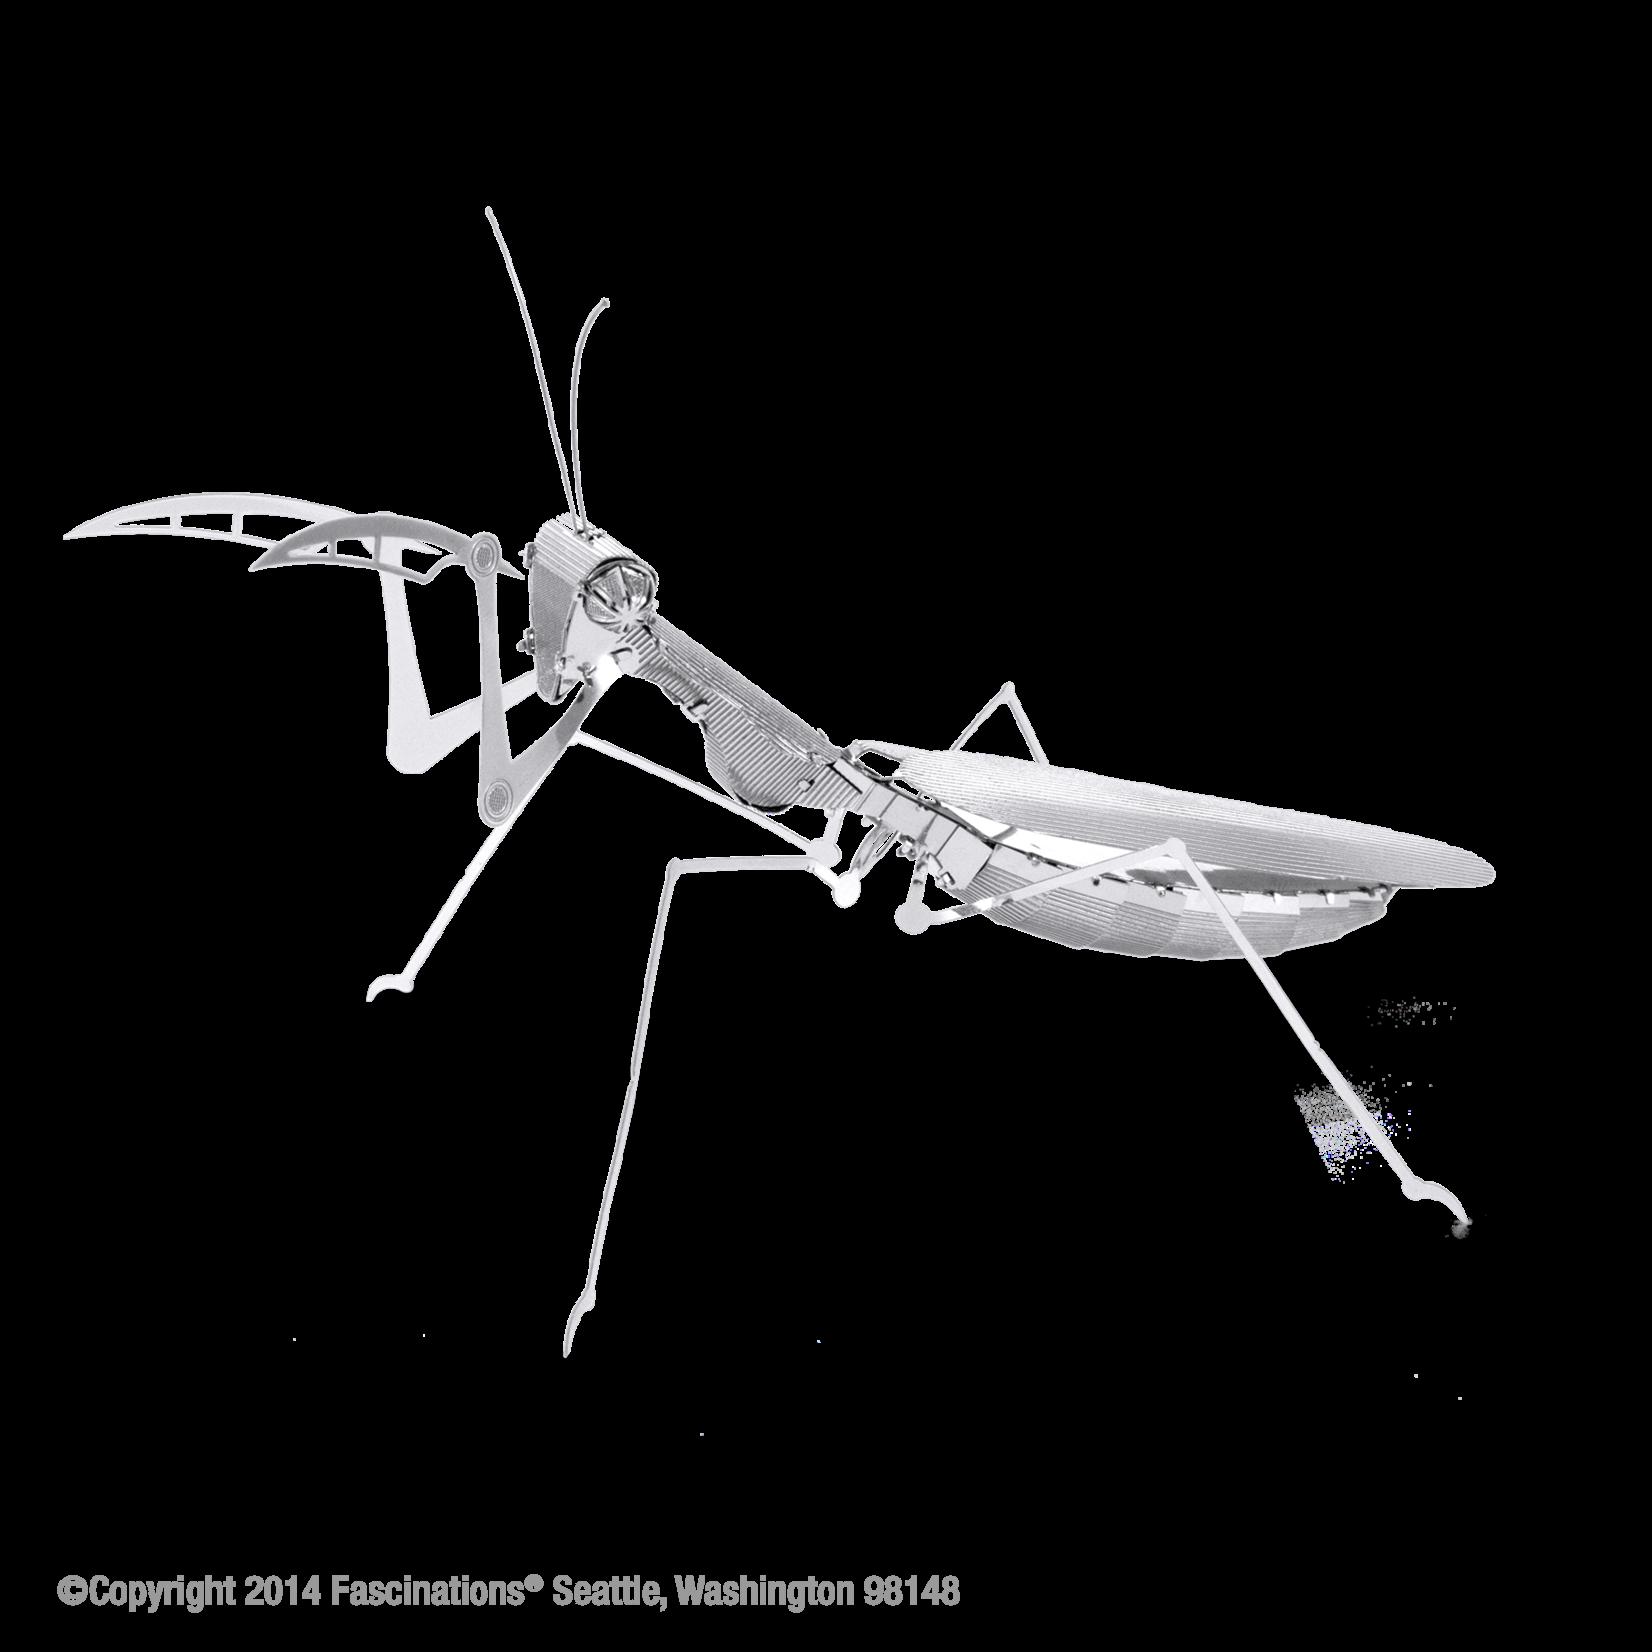 Fascinations Praying Mantis